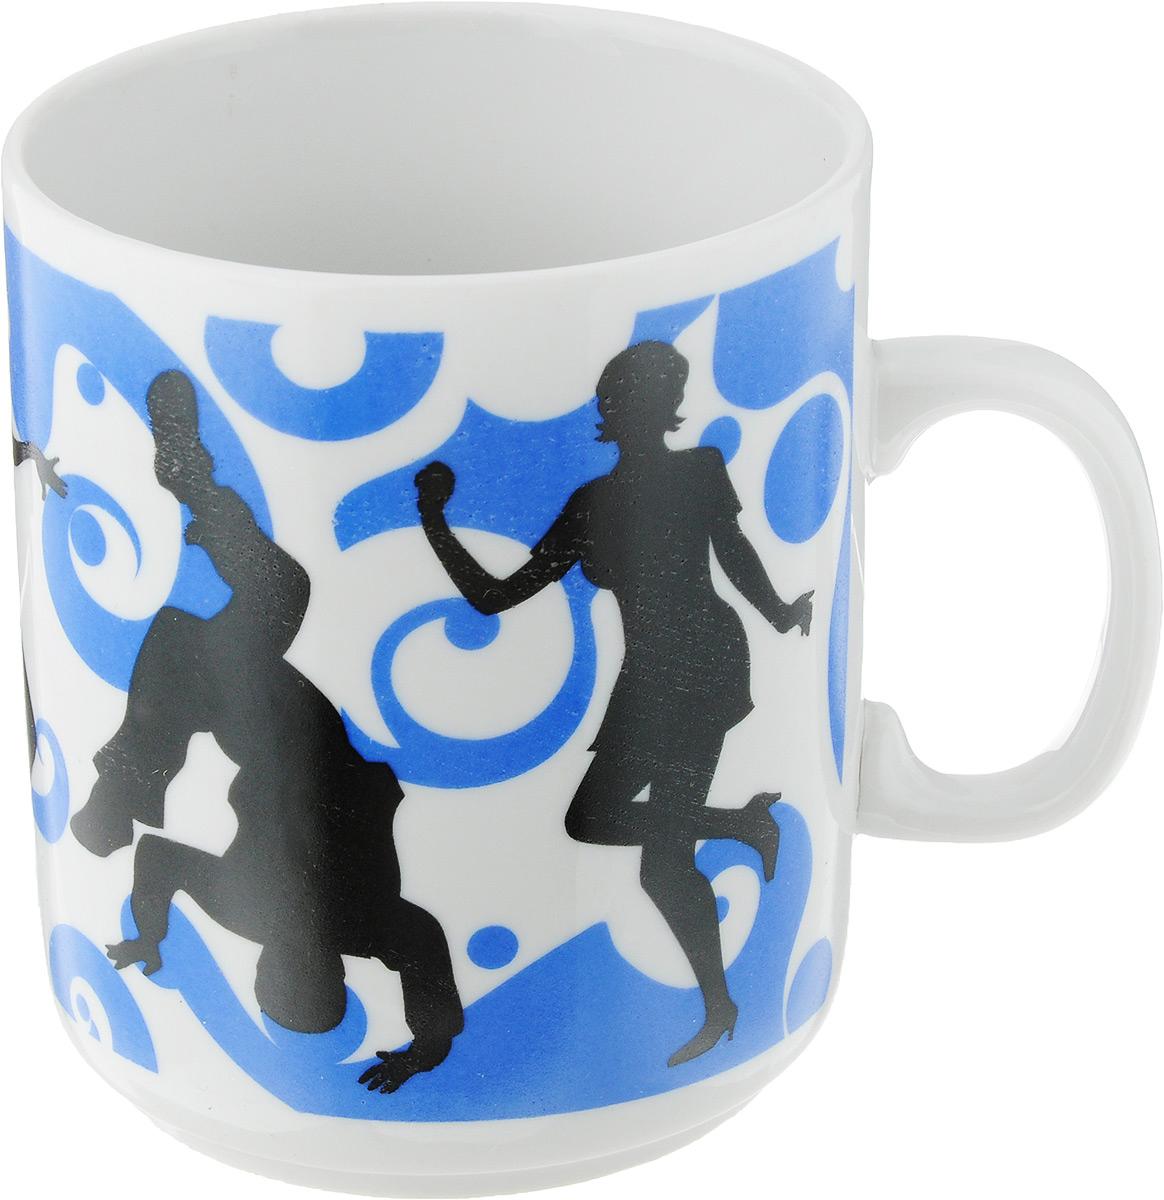 Кружка Фарфор Вербилок Dance, цвет: синий, белый, черный, 300 мл9272060_синий, белый, черныйКружка Фарфор Вербилок Dance способна скрасить любое чаепитие. Изделие выполнено из высококачественного фарфора. Посуда из такого материала позволяет сохранить истинный вкус напитка, а также помогает ему дольше оставаться теплым.Диаметр по верхнему краю: 7,5 см.Высота кружки: 10 см.